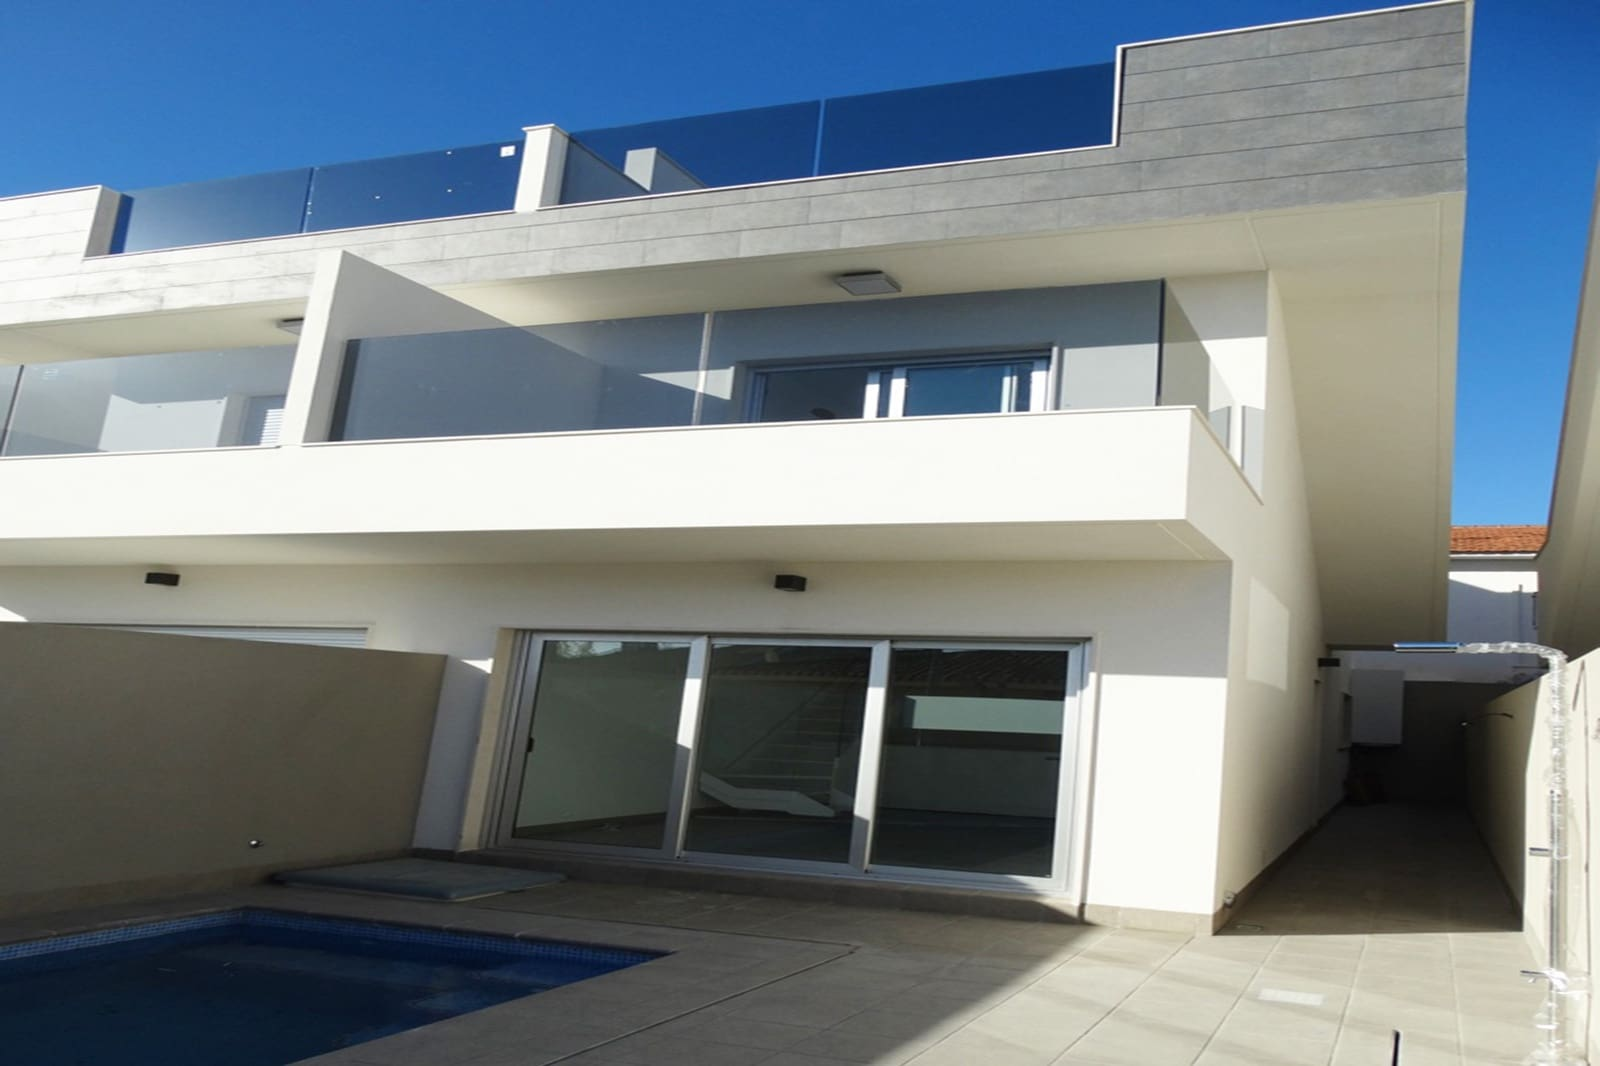 Chalet de 3 habitaciones en Pilar de la Horadada en venta con piscina - 281.000 € (Ref: 4330629)